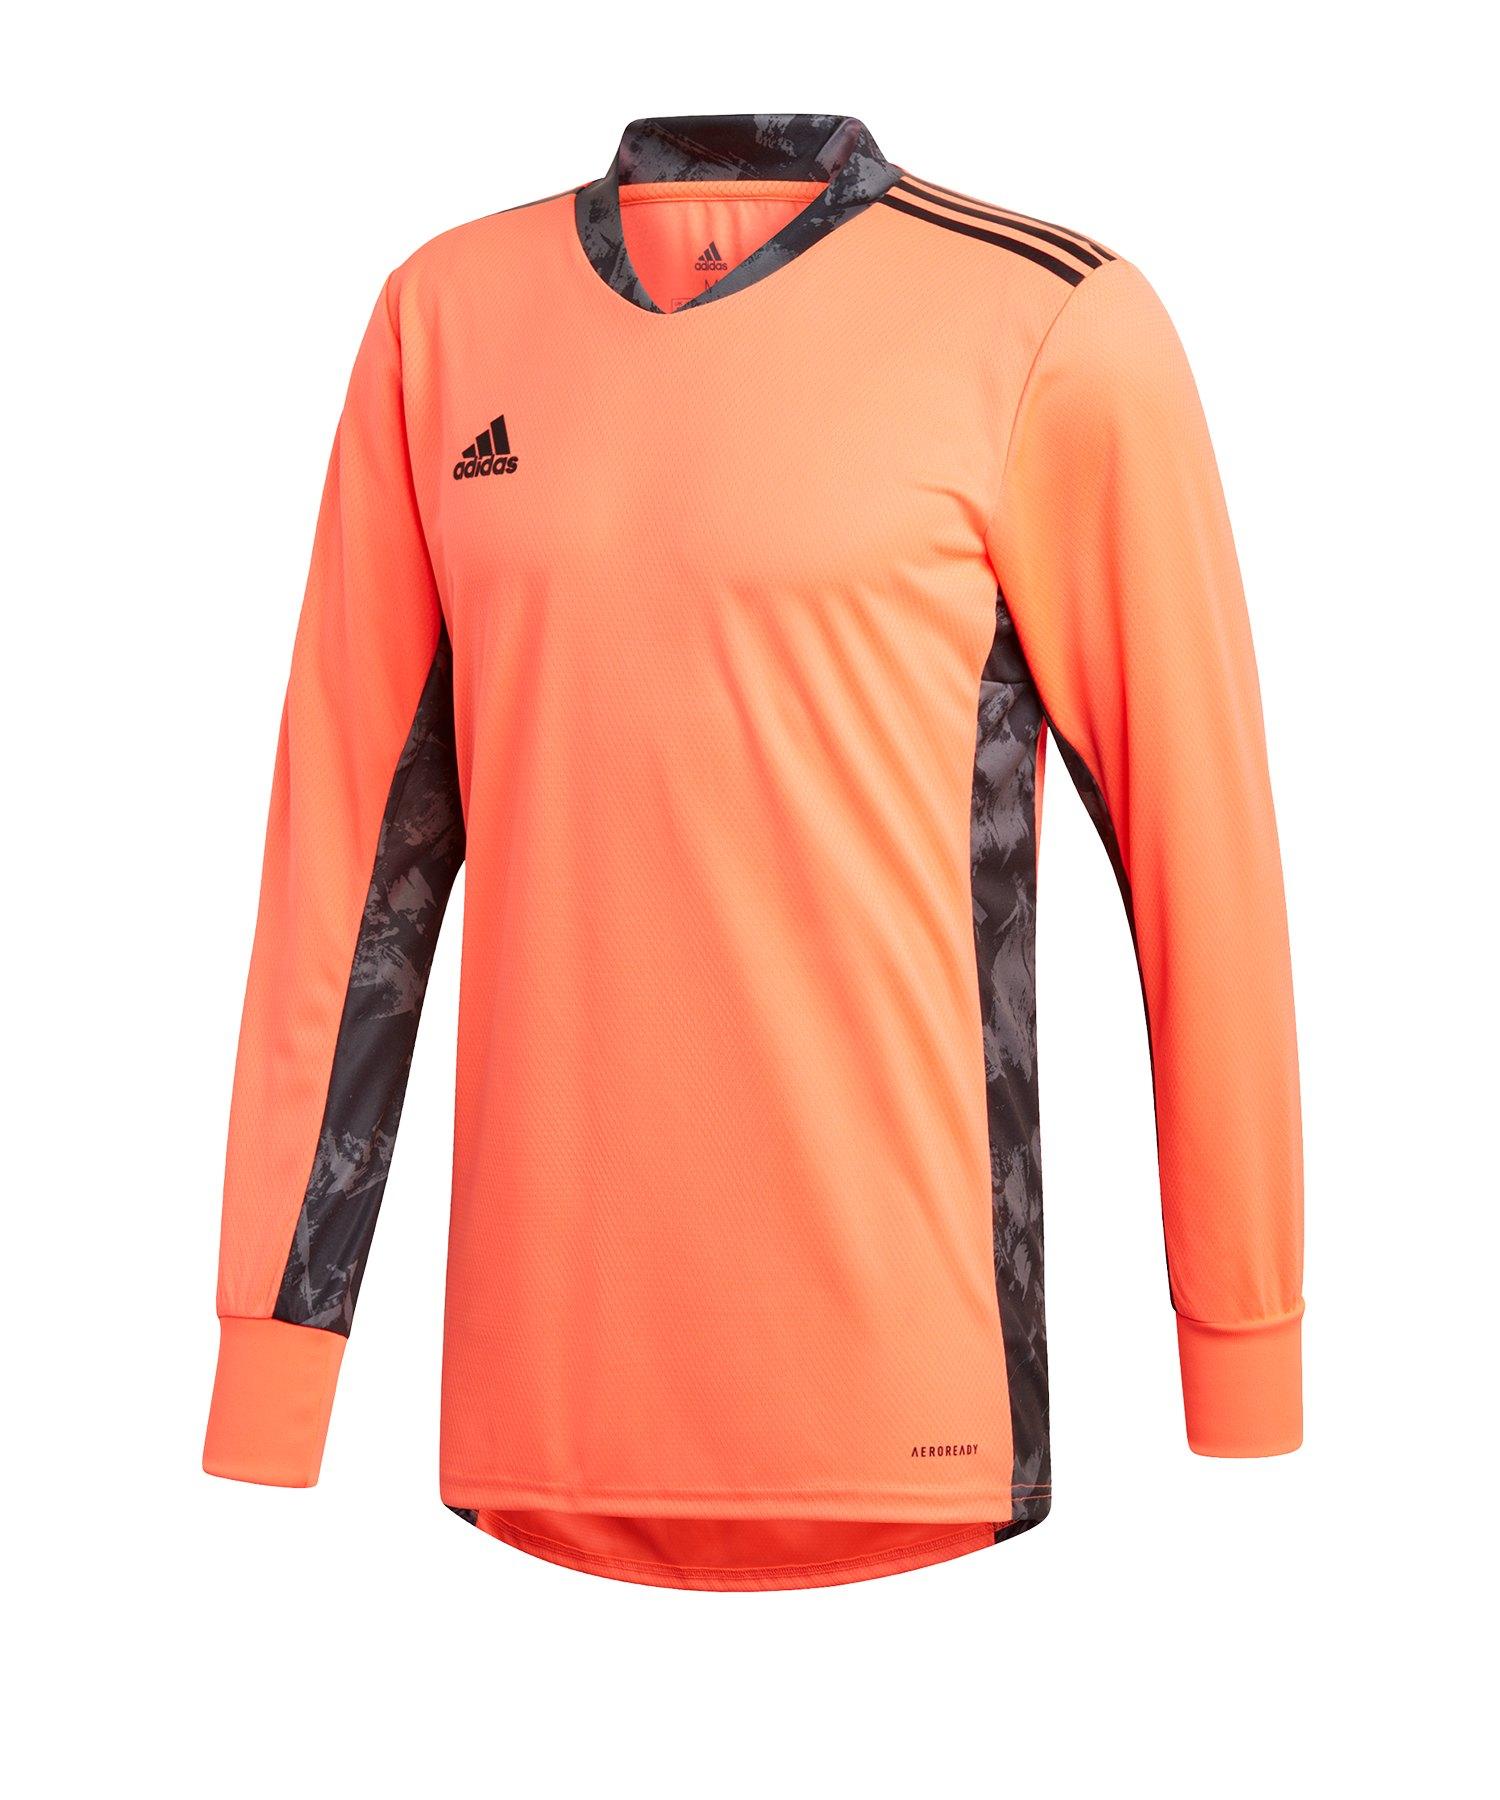 adidas AdiPro 20 Torwarttrikot langarmRot Schwarz - orange